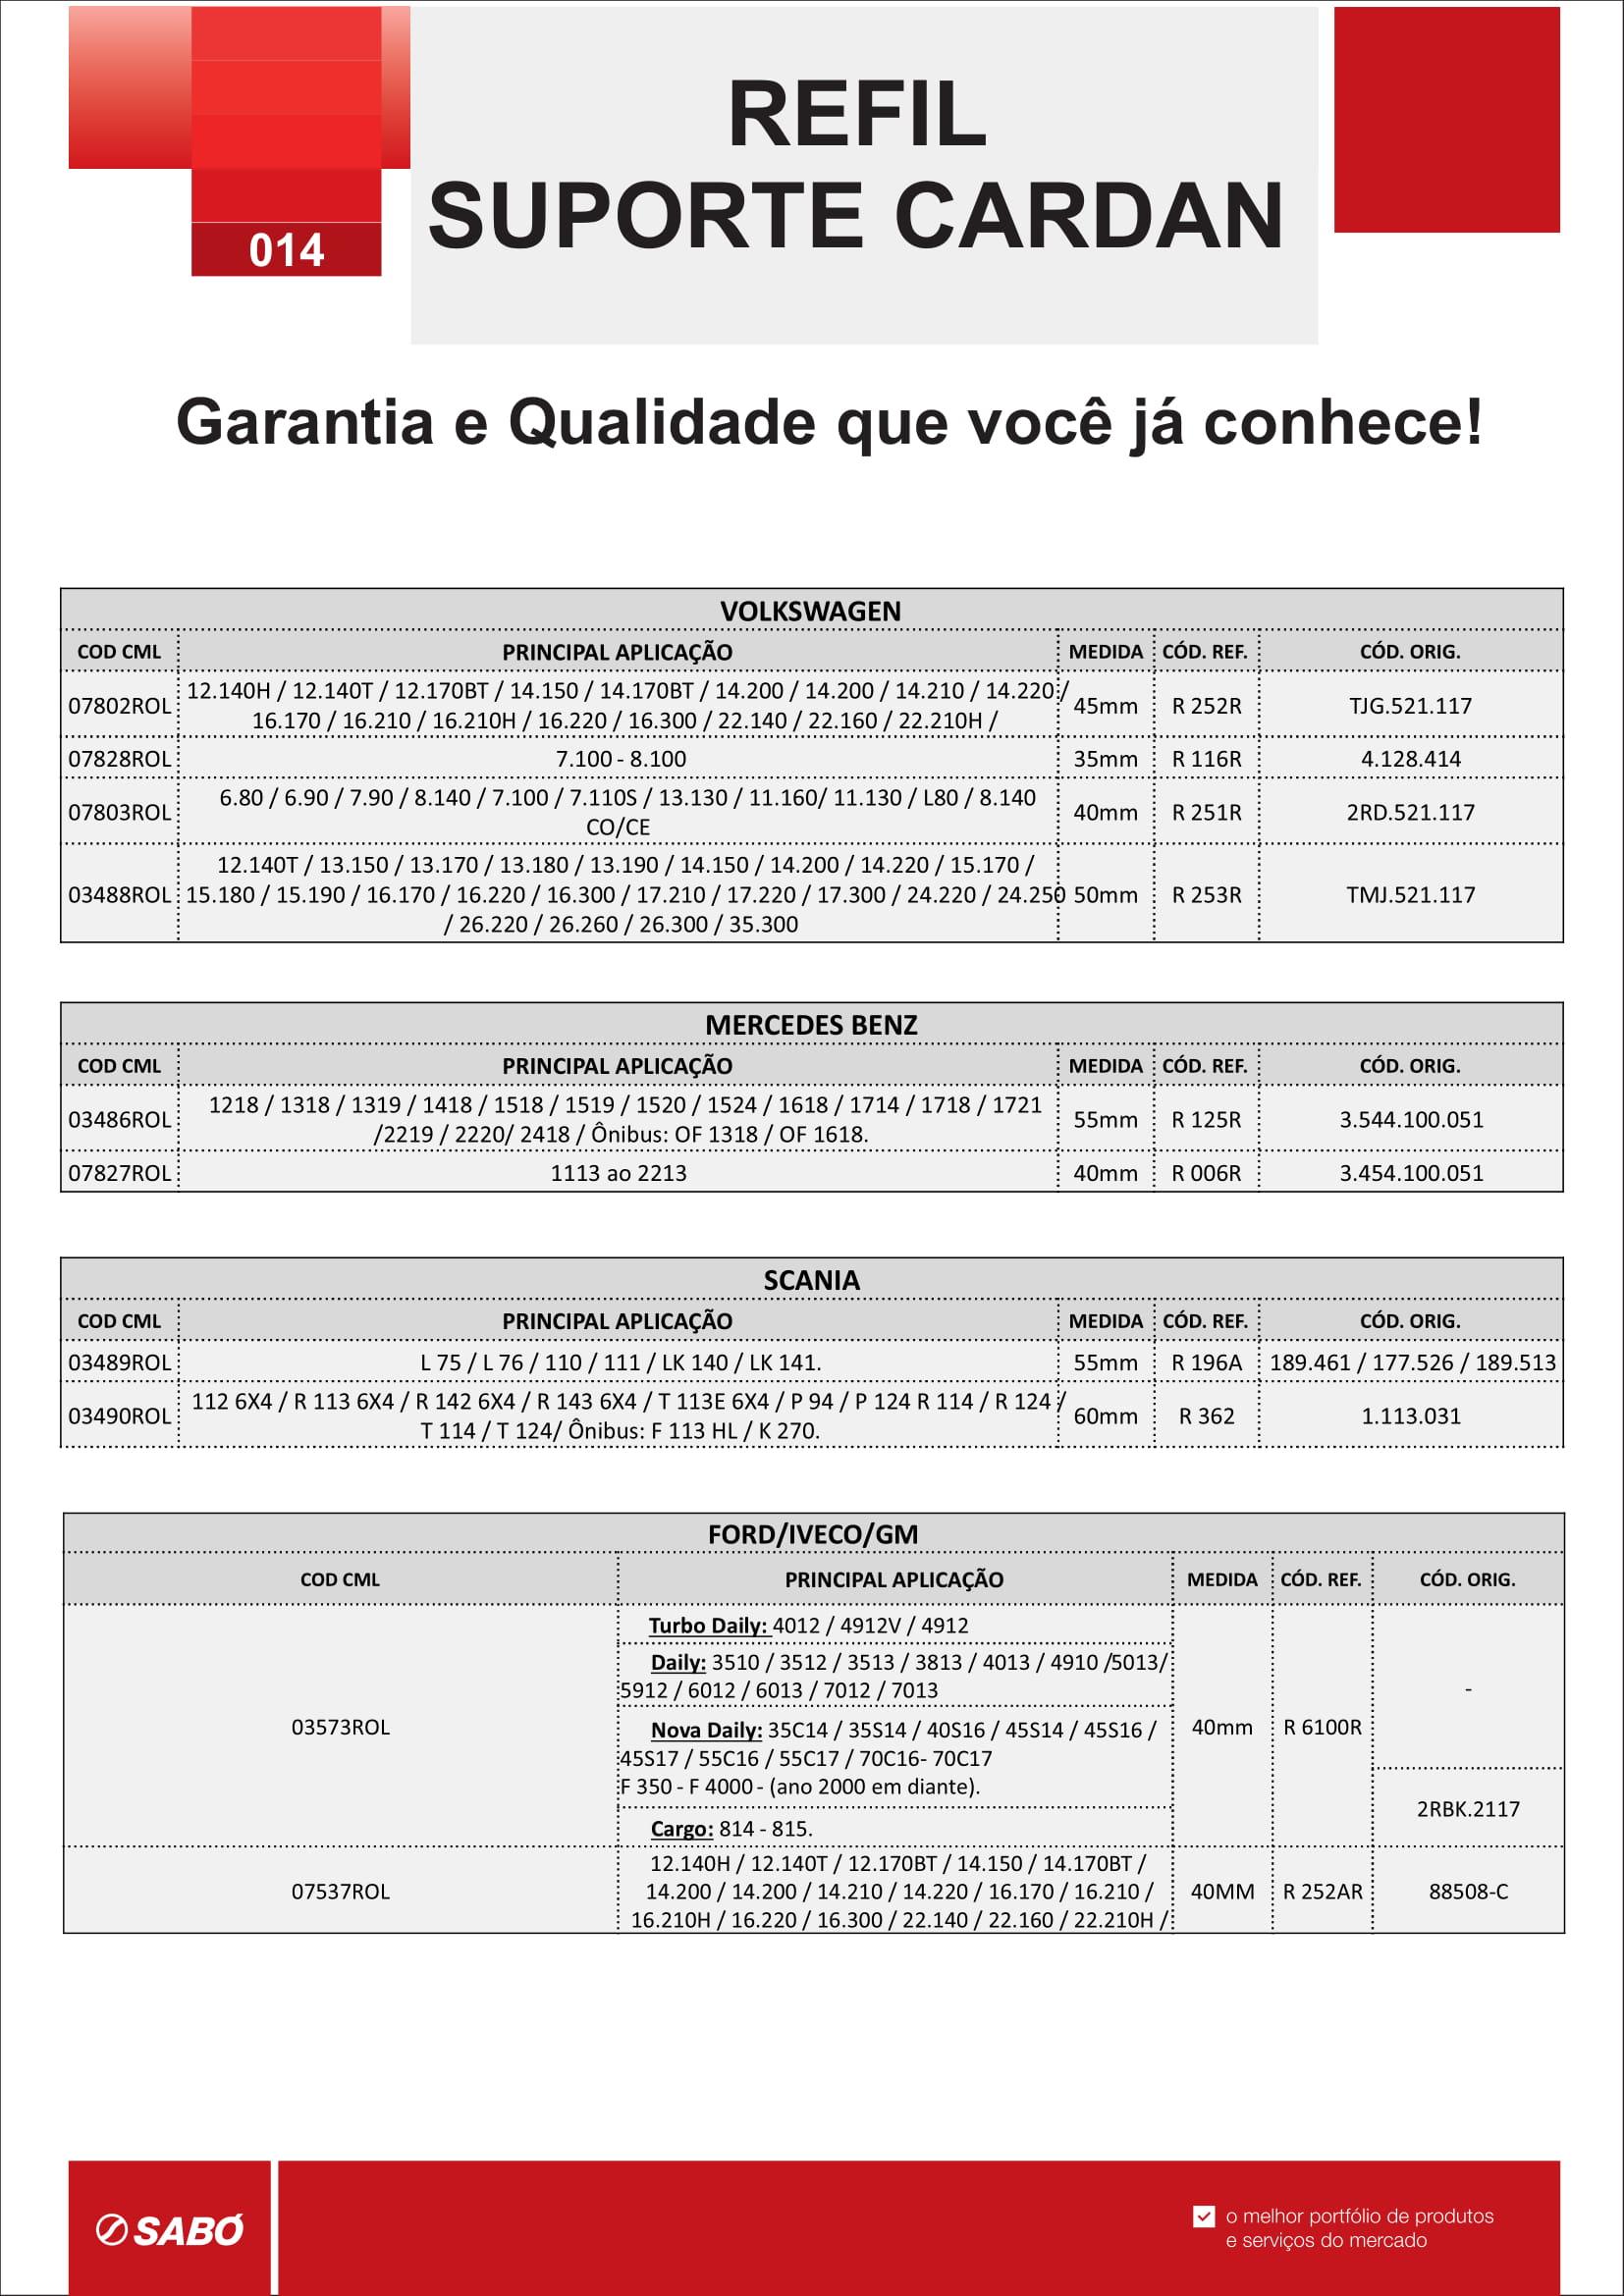 Inf. 014 - Refil Rolamento Cardan